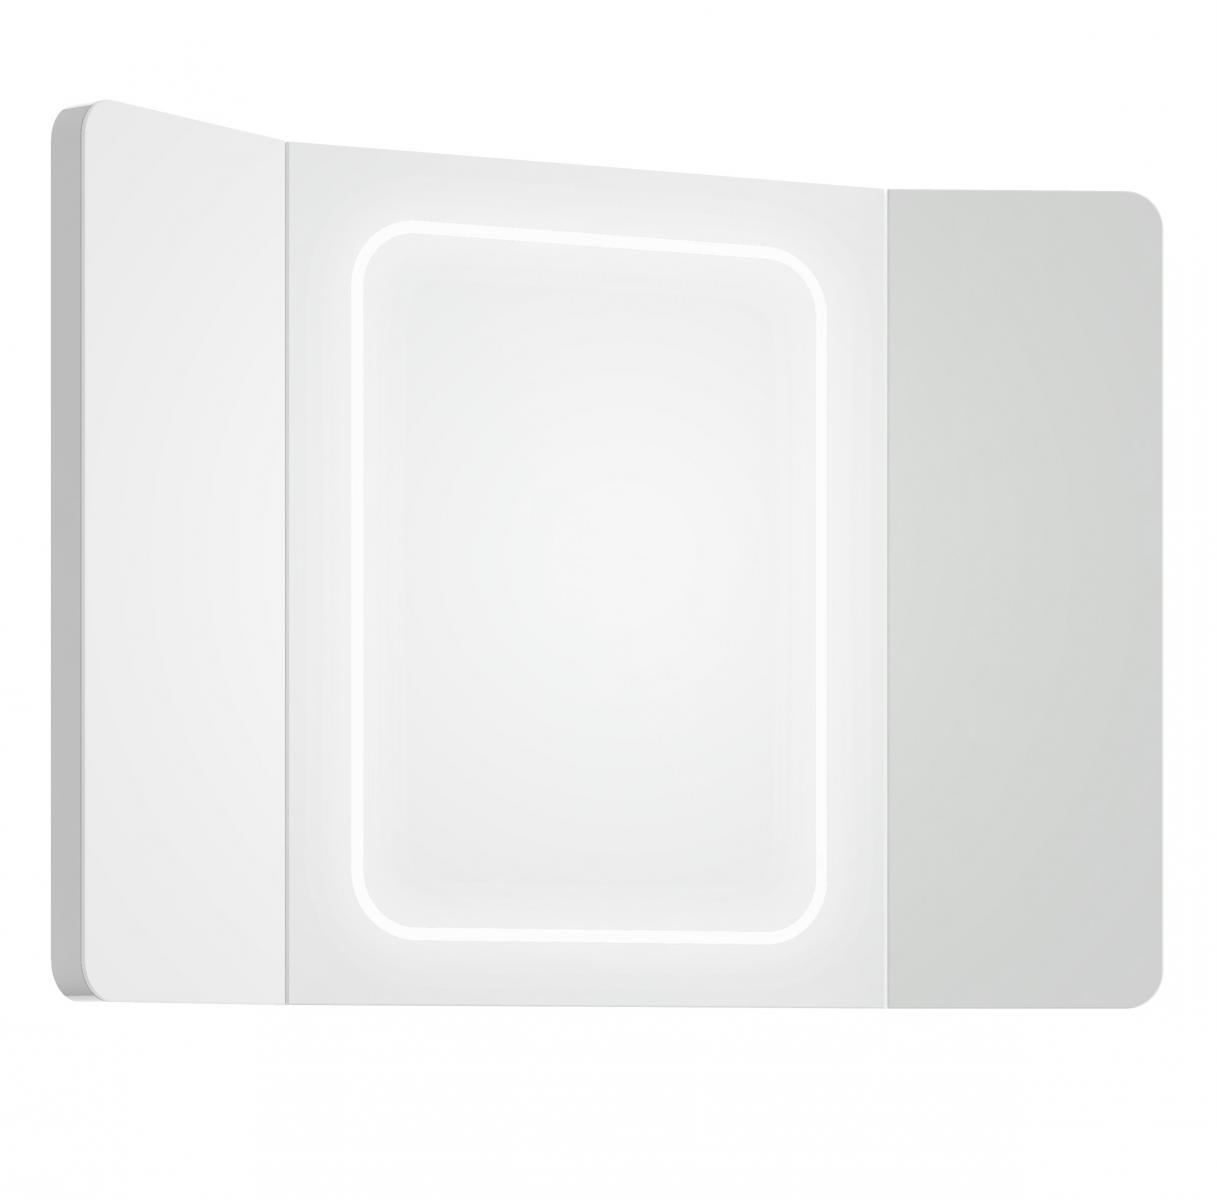 Zrcadlo Triple LED L90 bílé